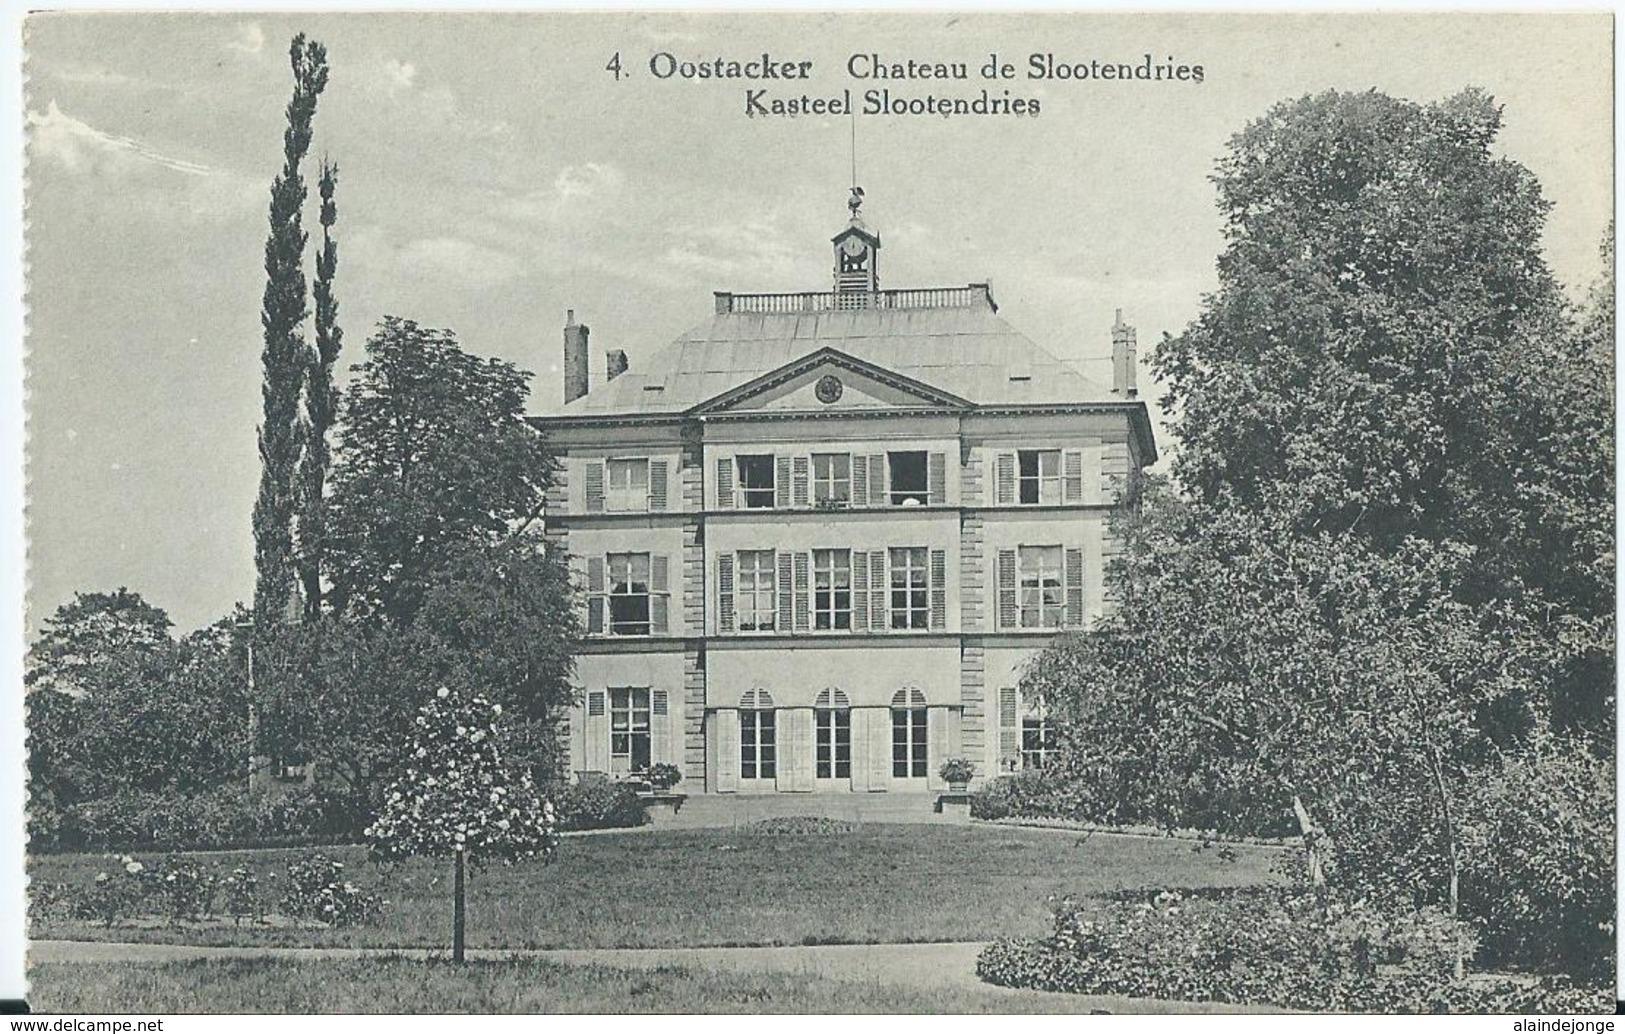 Oostacker - 4 - Chateau De Slootendries - Kasteel Slootendries - Gent